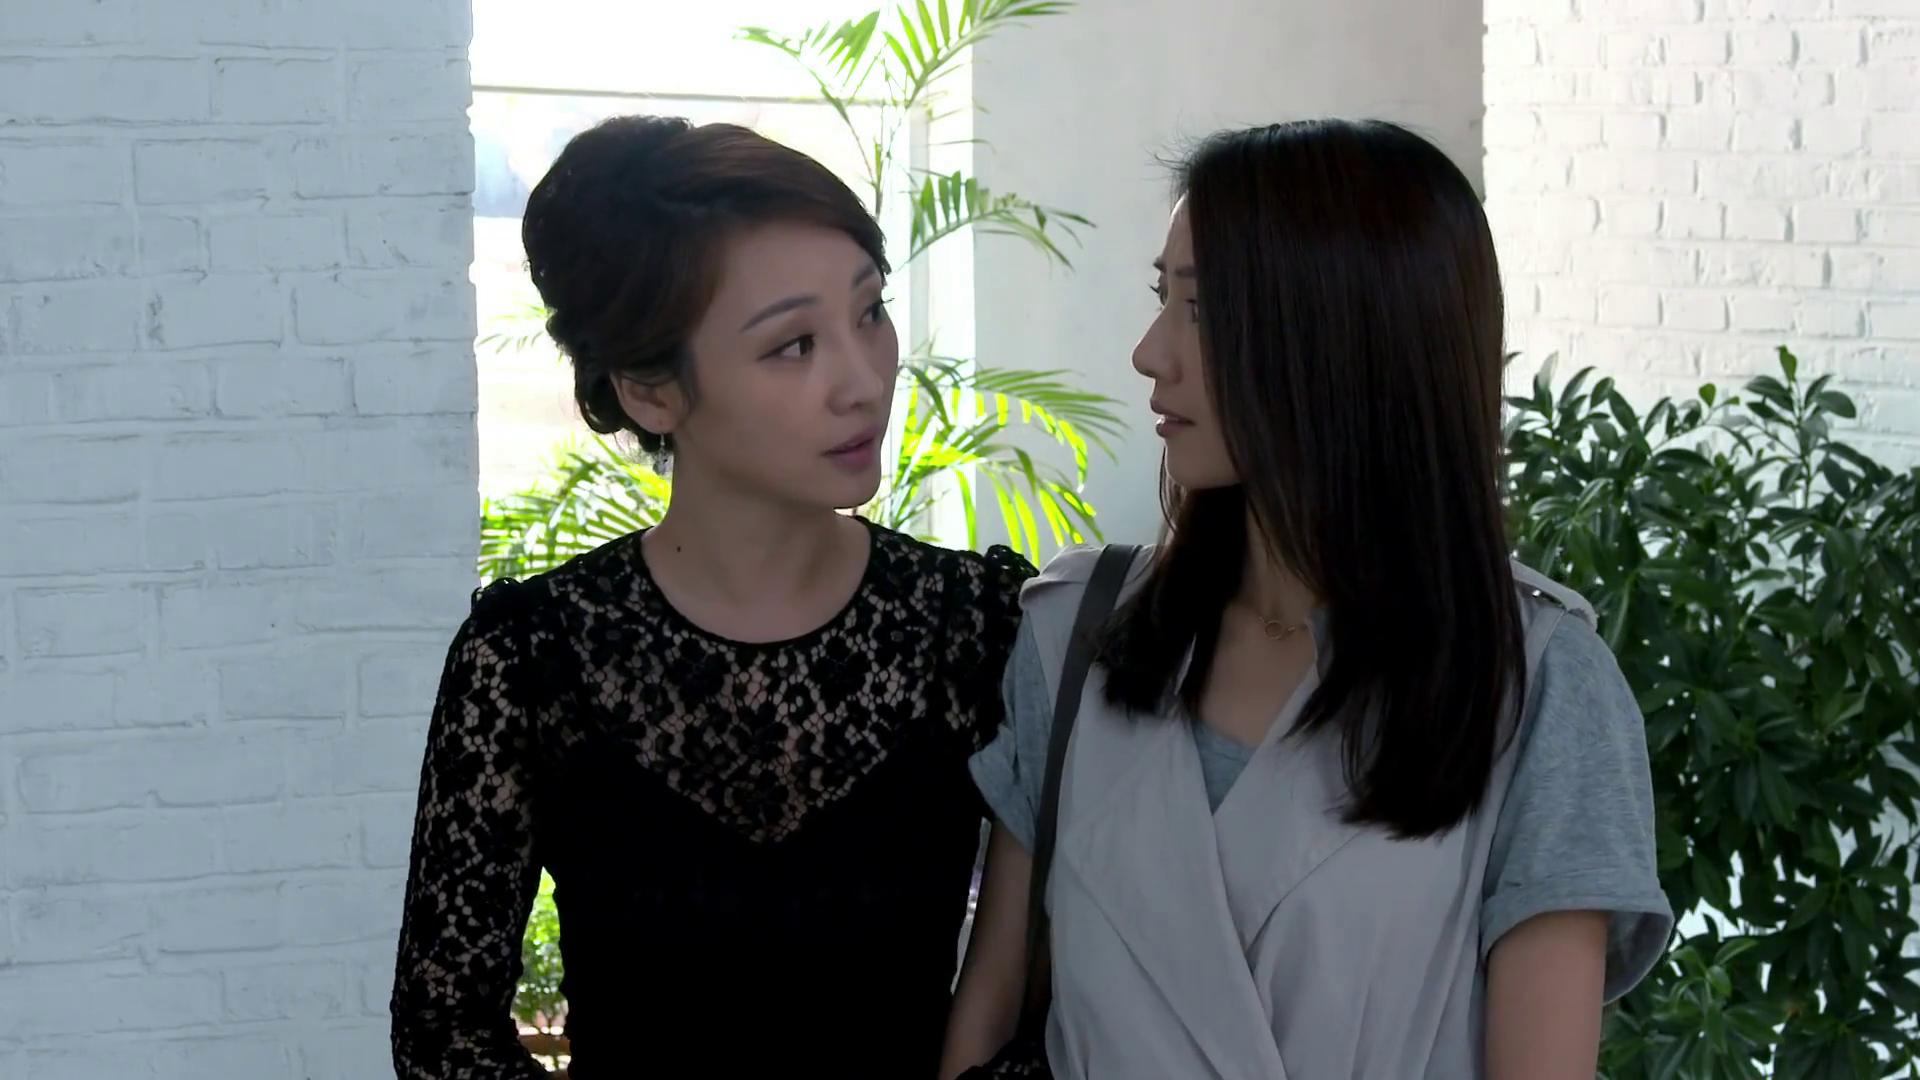 《咱们结婚吧》-第20集精彩看点 与艺术男相亲 杨桃不慎出糗事